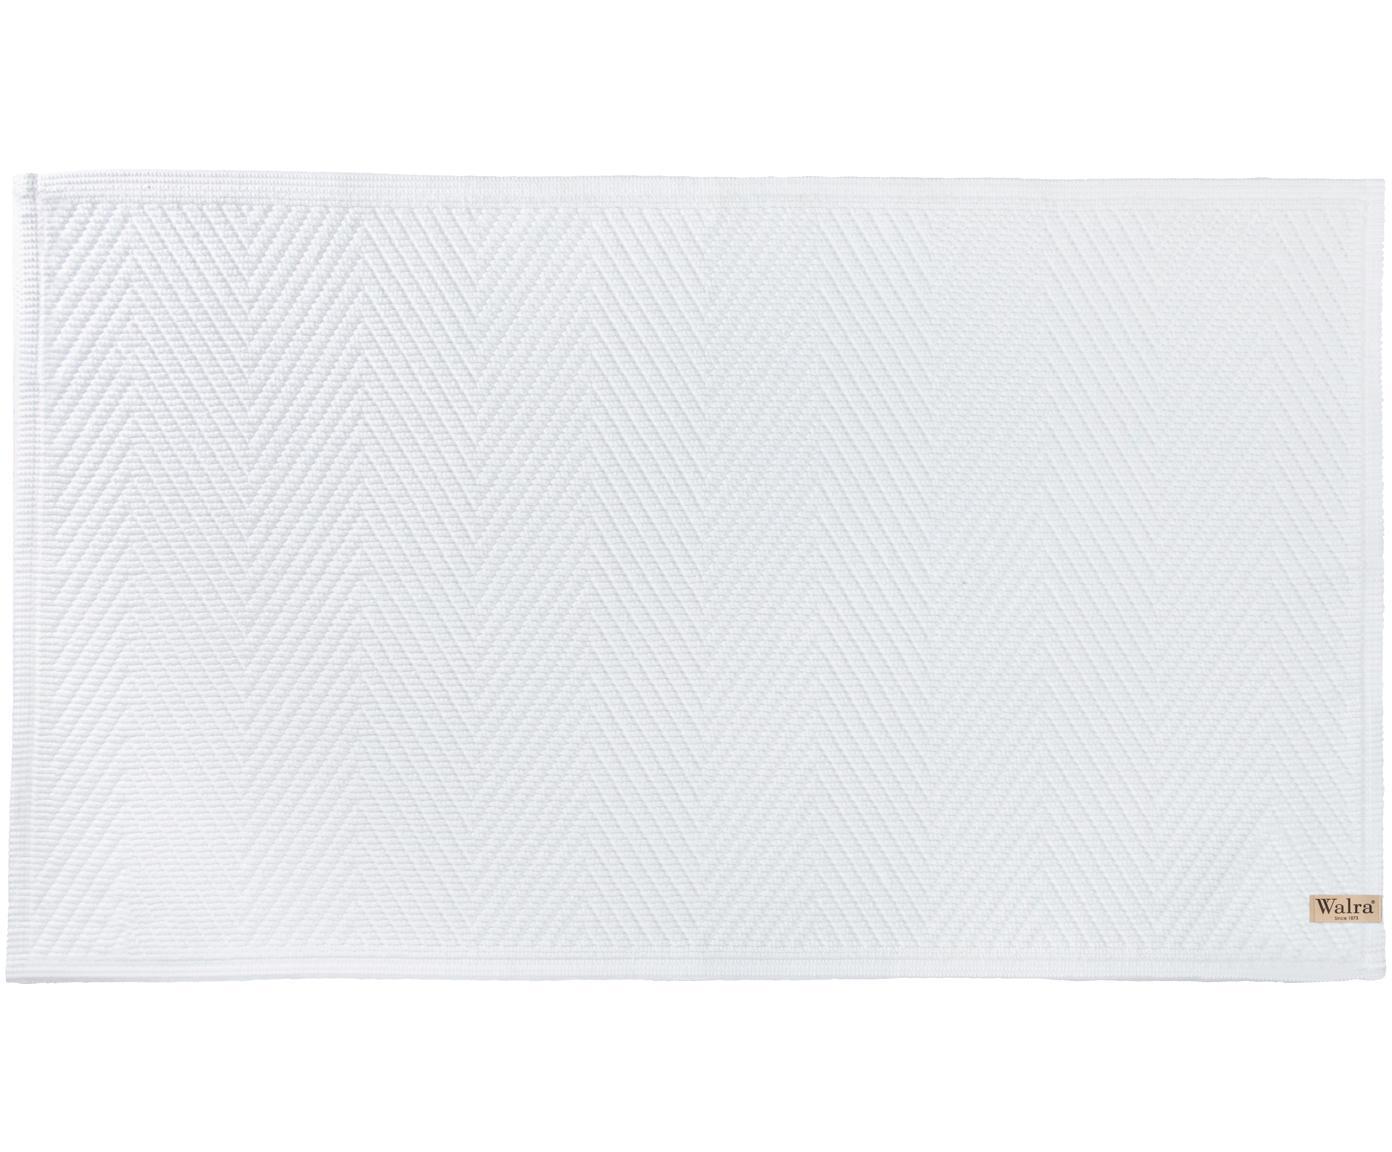 Badvorleger Soft Cotton mit Fischgrätmuster, 100% Baumwolle, Weiß, 60 x 100 cm